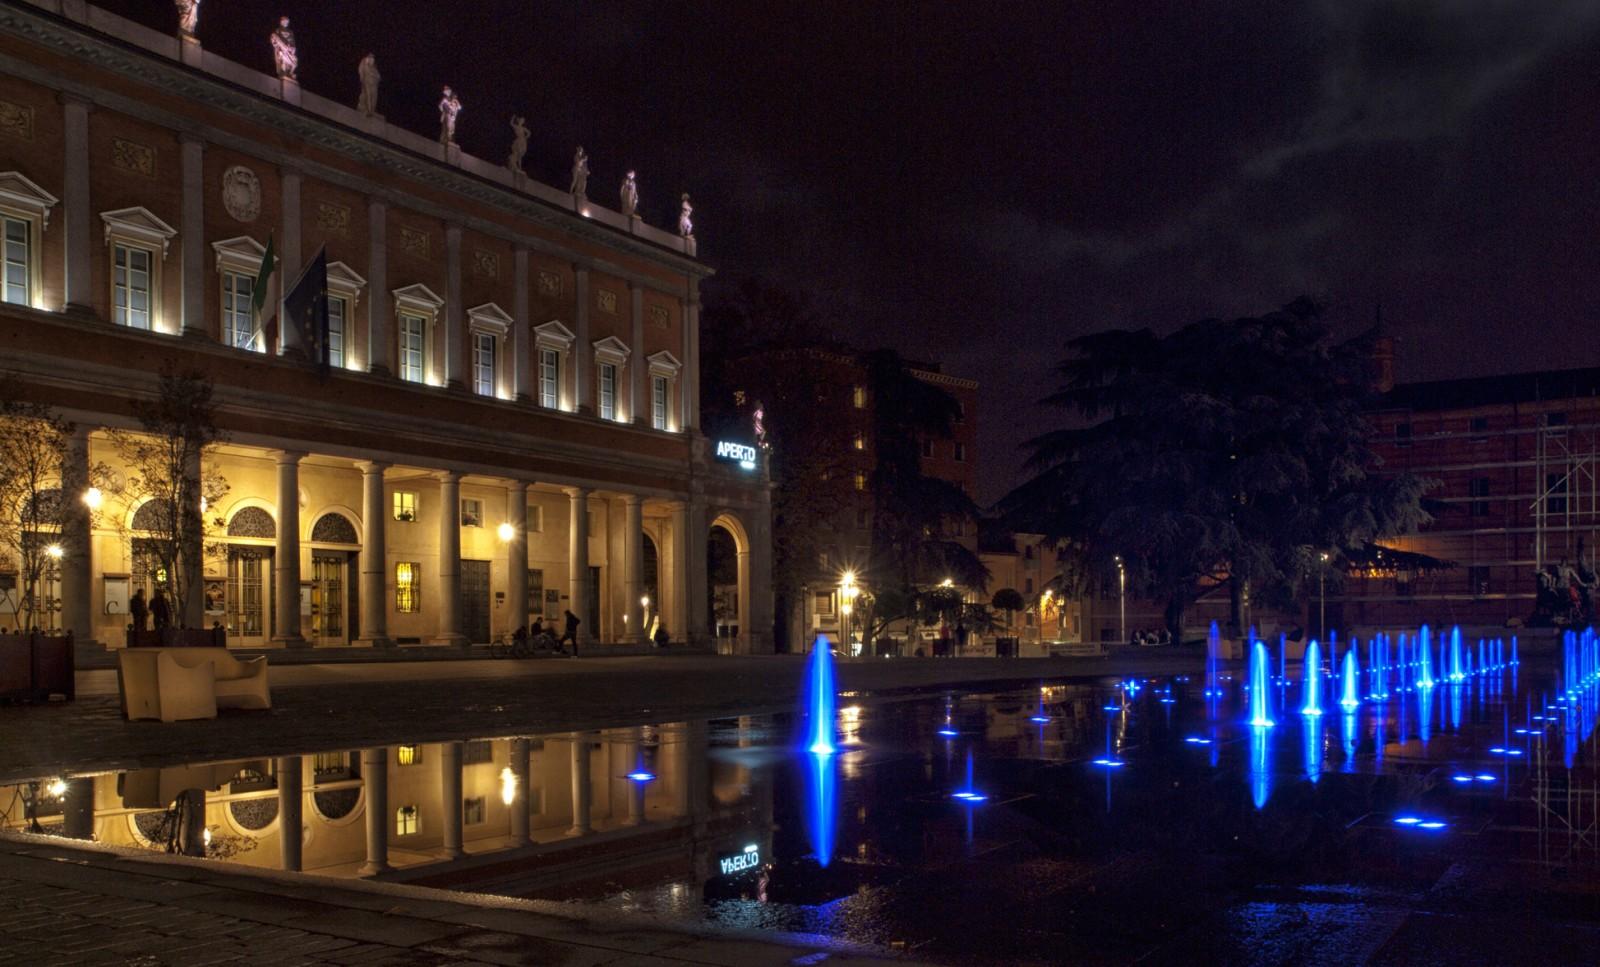 San Valentino in città - Fontana del Treatro Romolo Valli a Reggio Emilia, ph. giangattobarigazzi WLM 2014